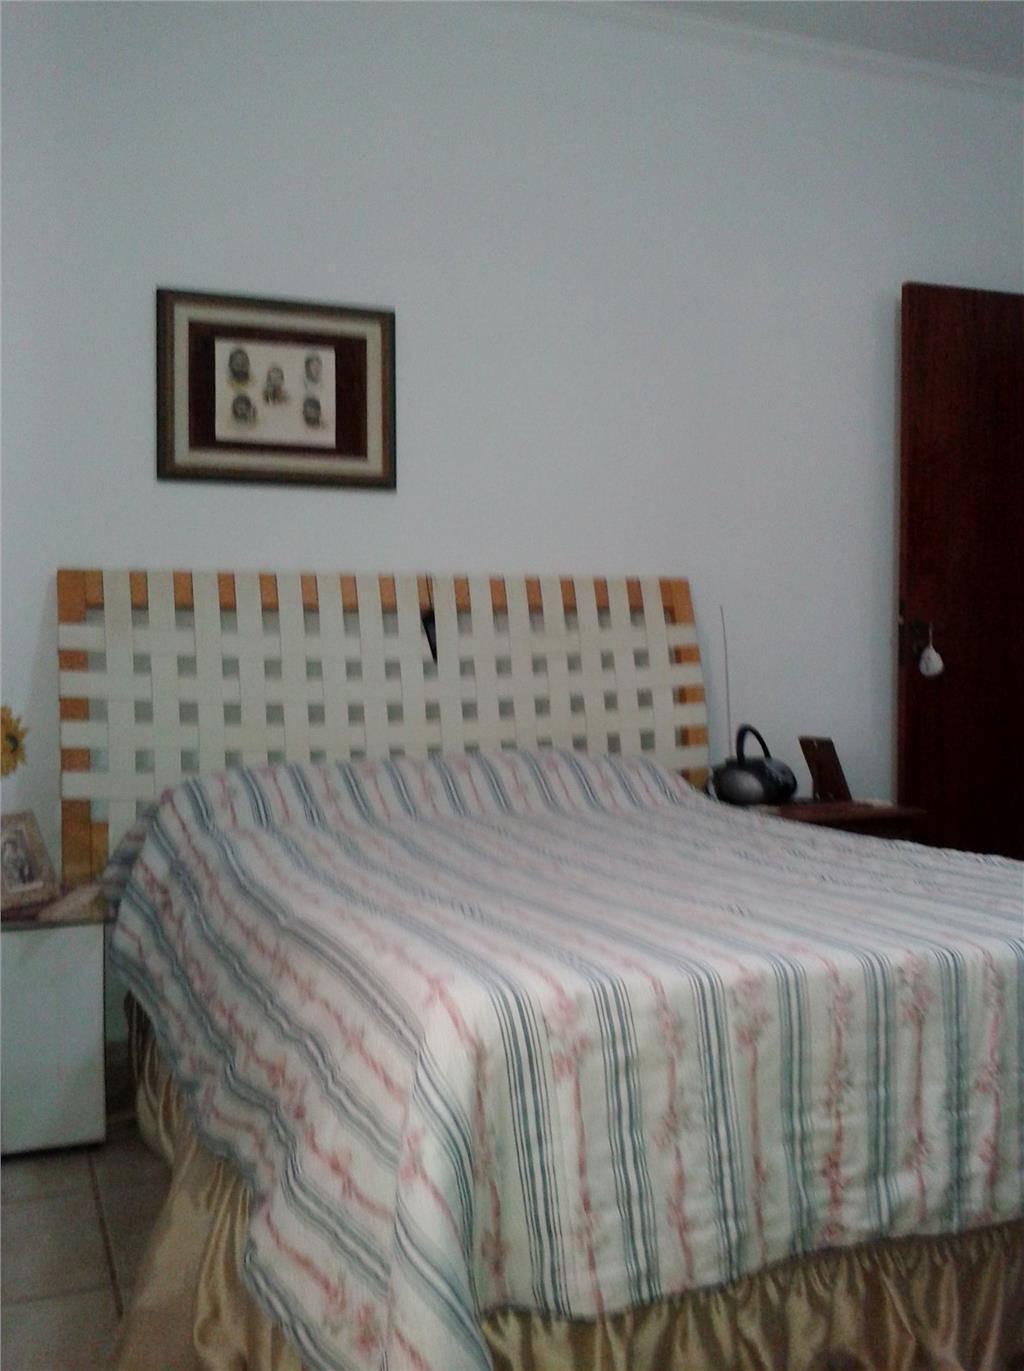 Chácara 3 Dorm, Loteamento Chácaras Vale das Garças, Campinas - Foto 4